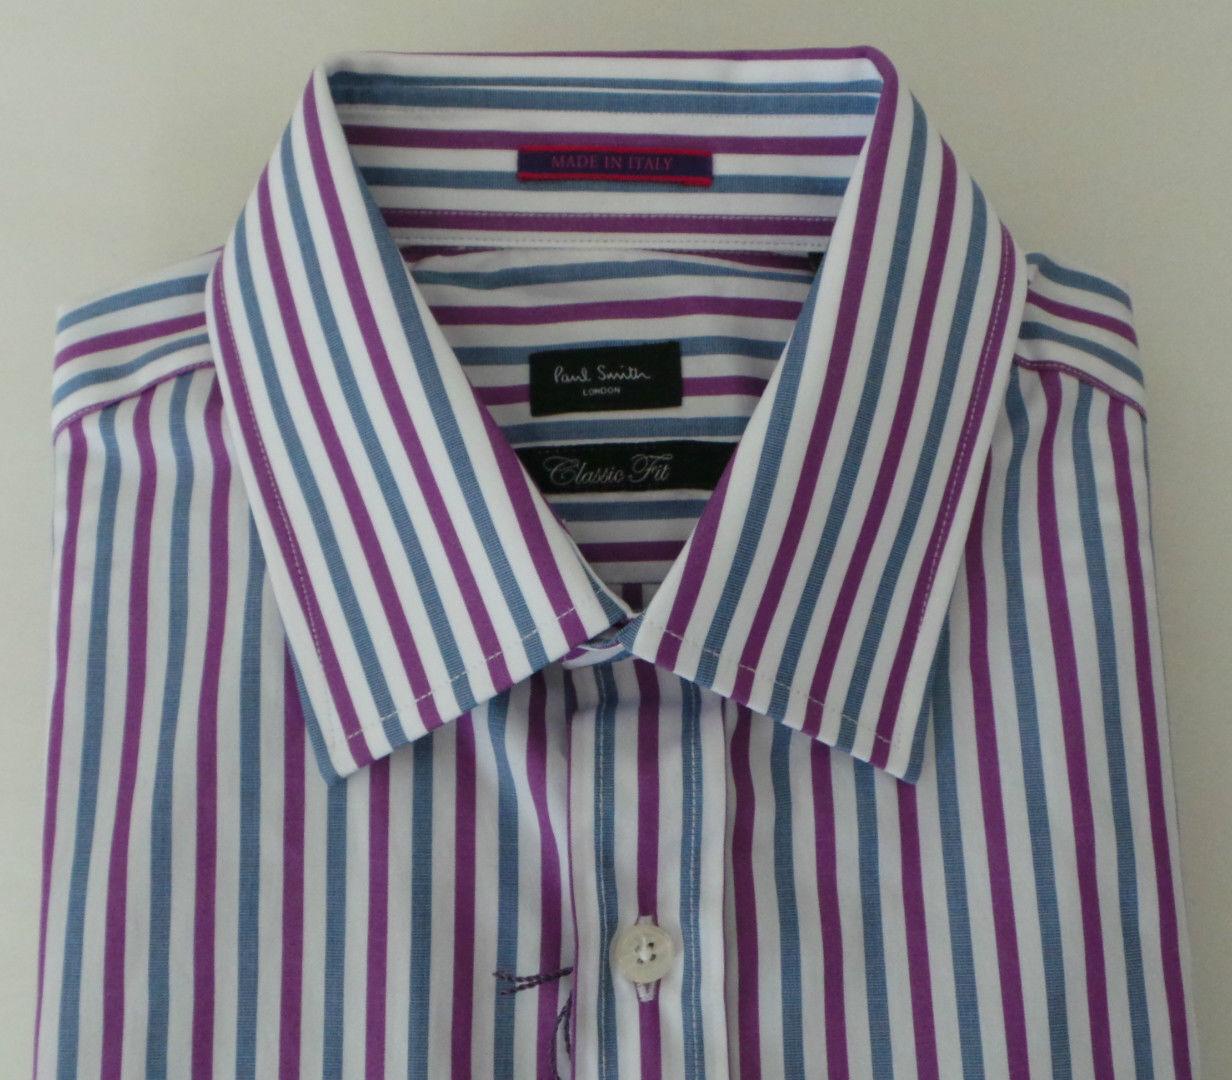 Paul Smith Camicia Taglia 15 strisce di media gamma di Londra